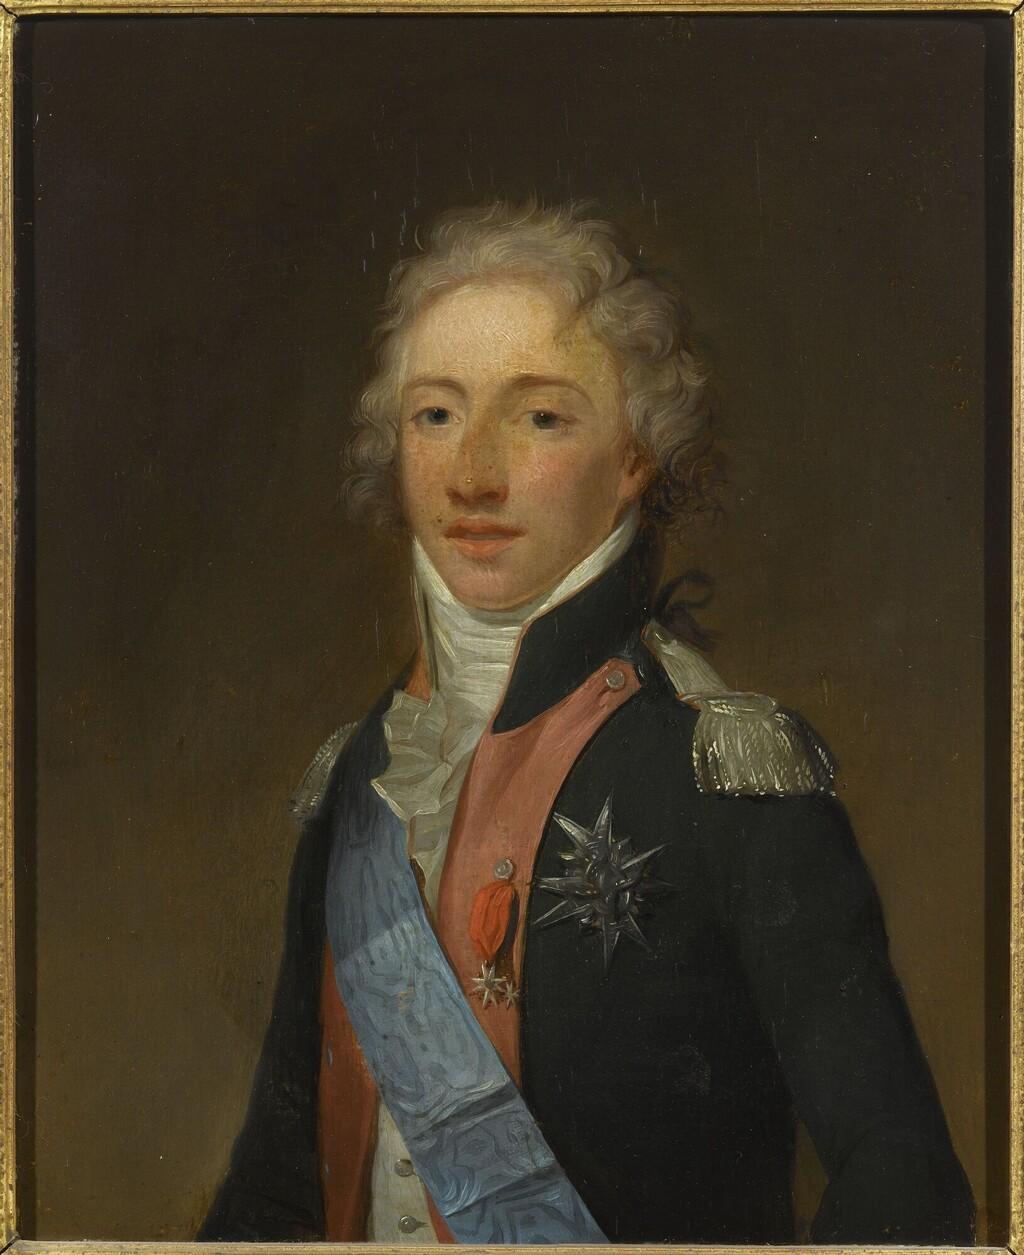 Portraits de Madame Royale, duchesse d'Angoulême - Page 5 Image211